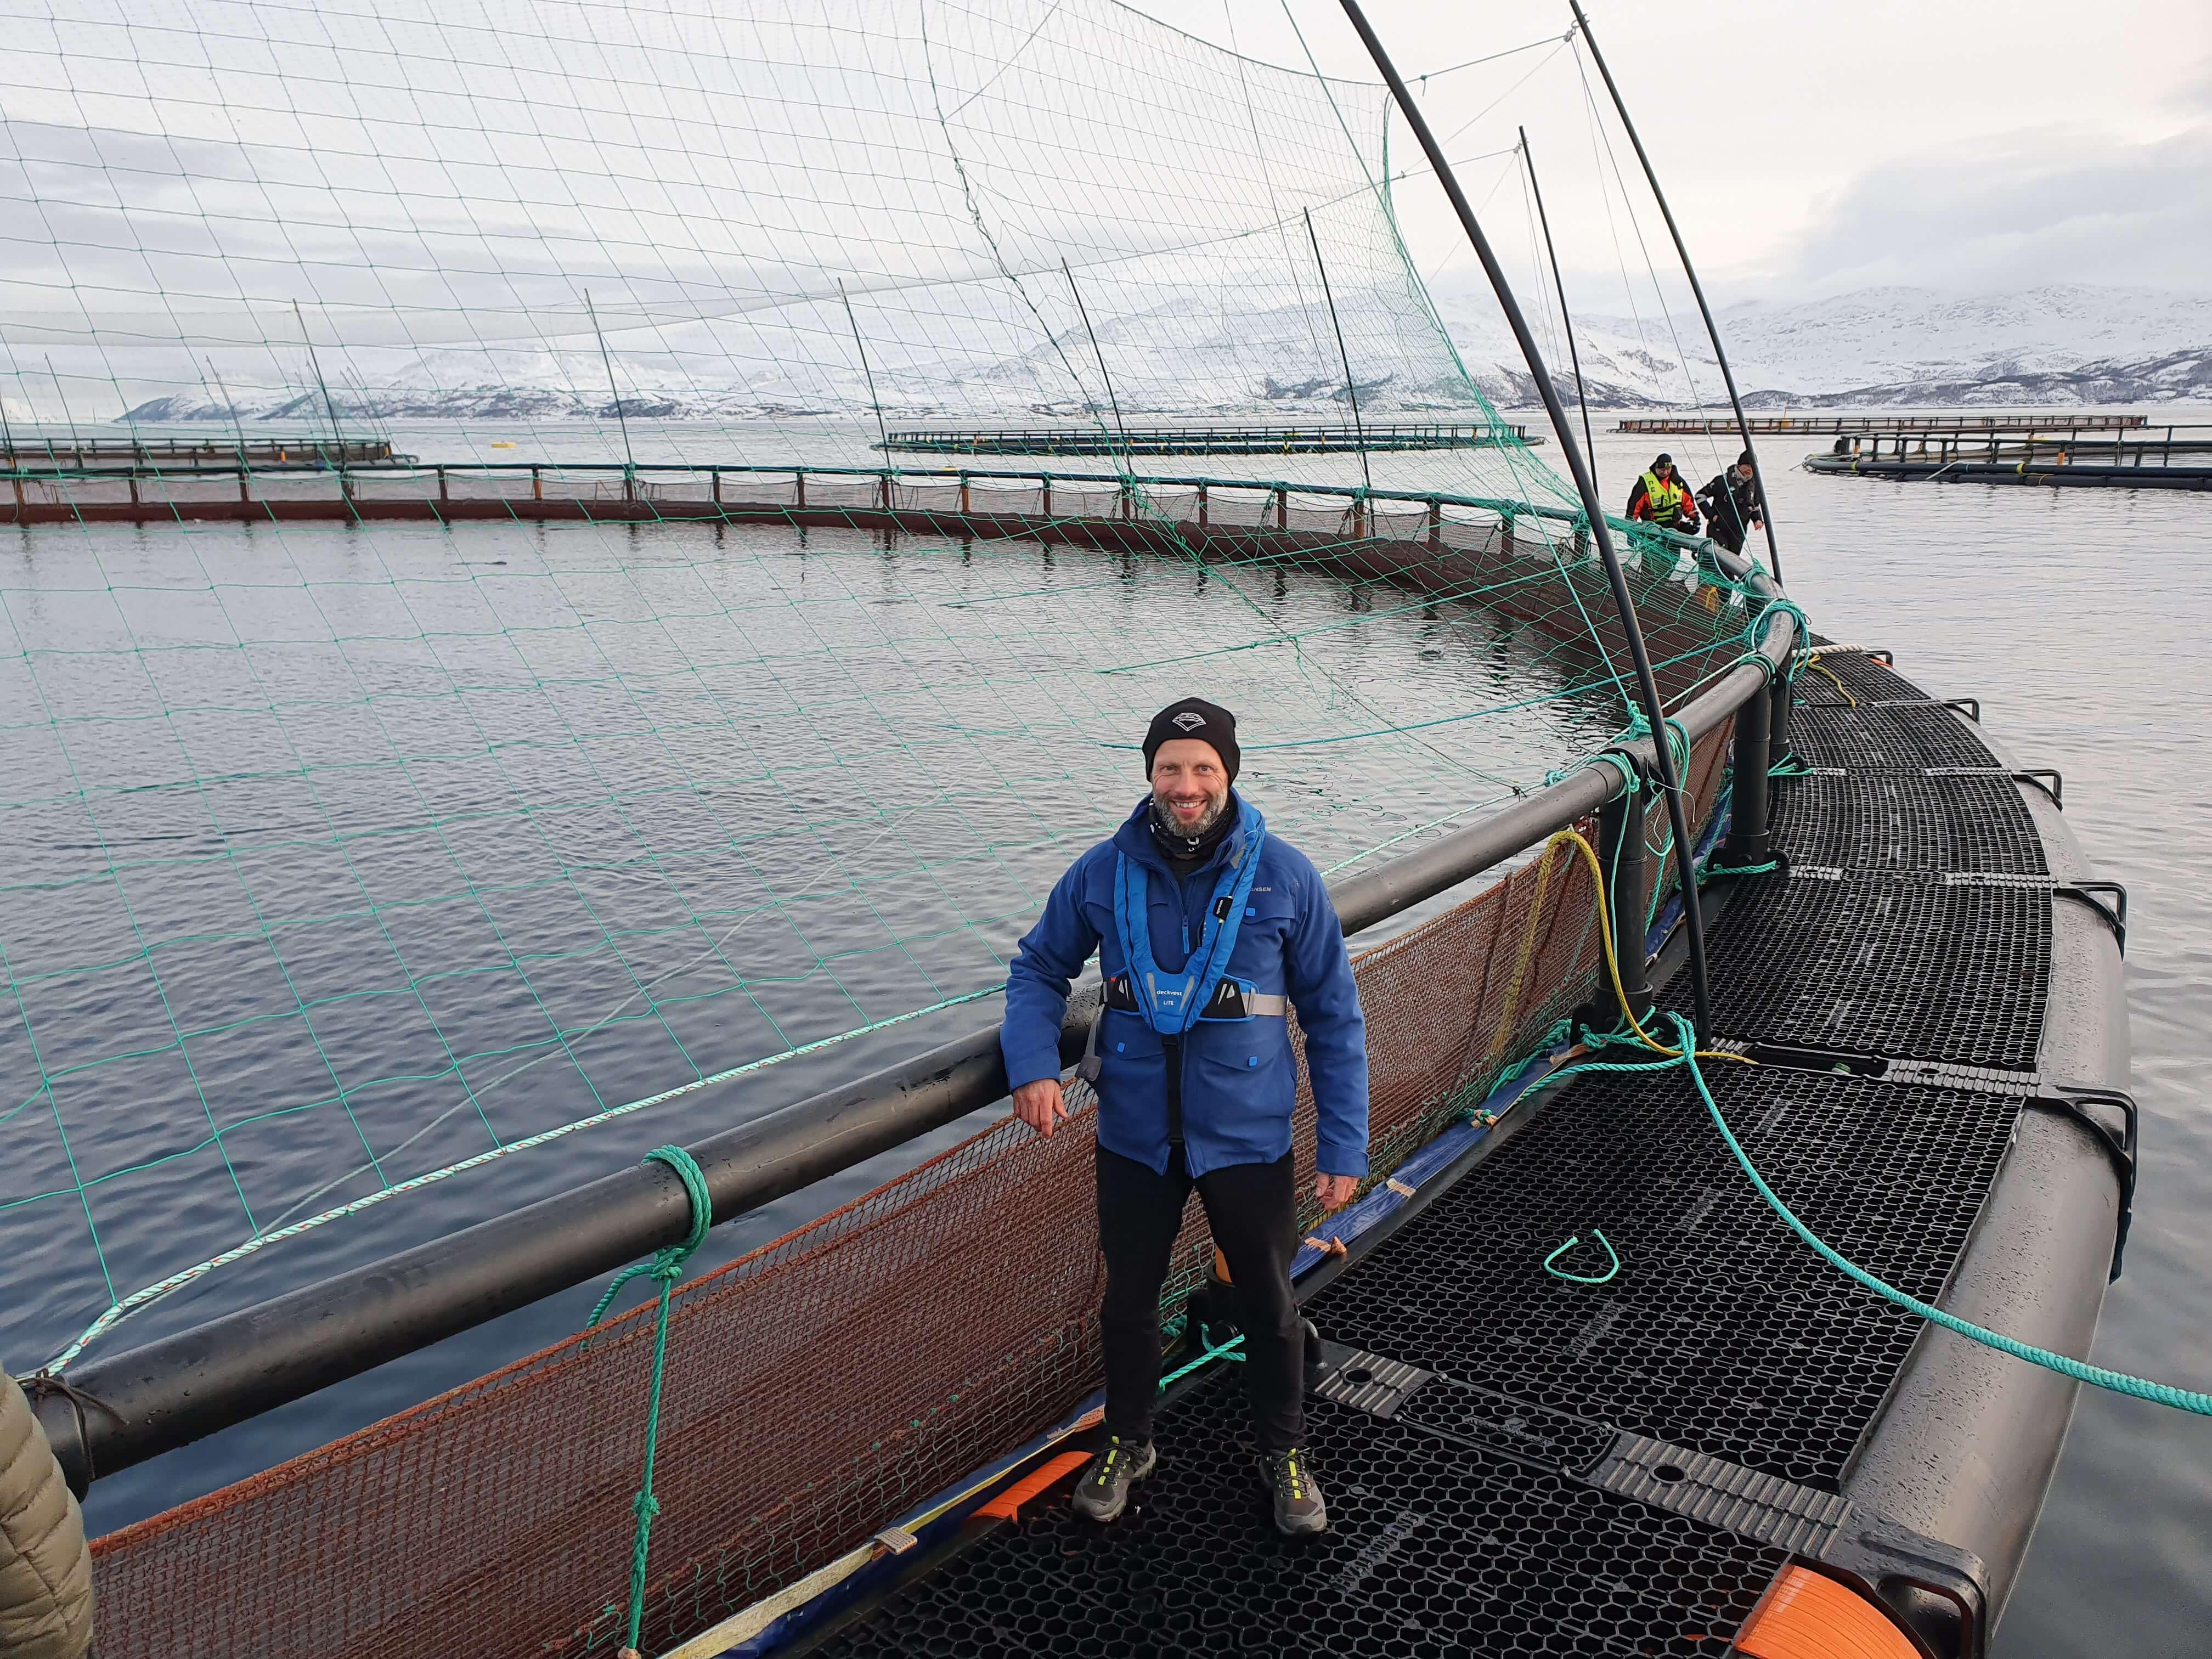 Mørenot Aquaculture_Hvalpsund Ringen_Casper Guldberg Petersen